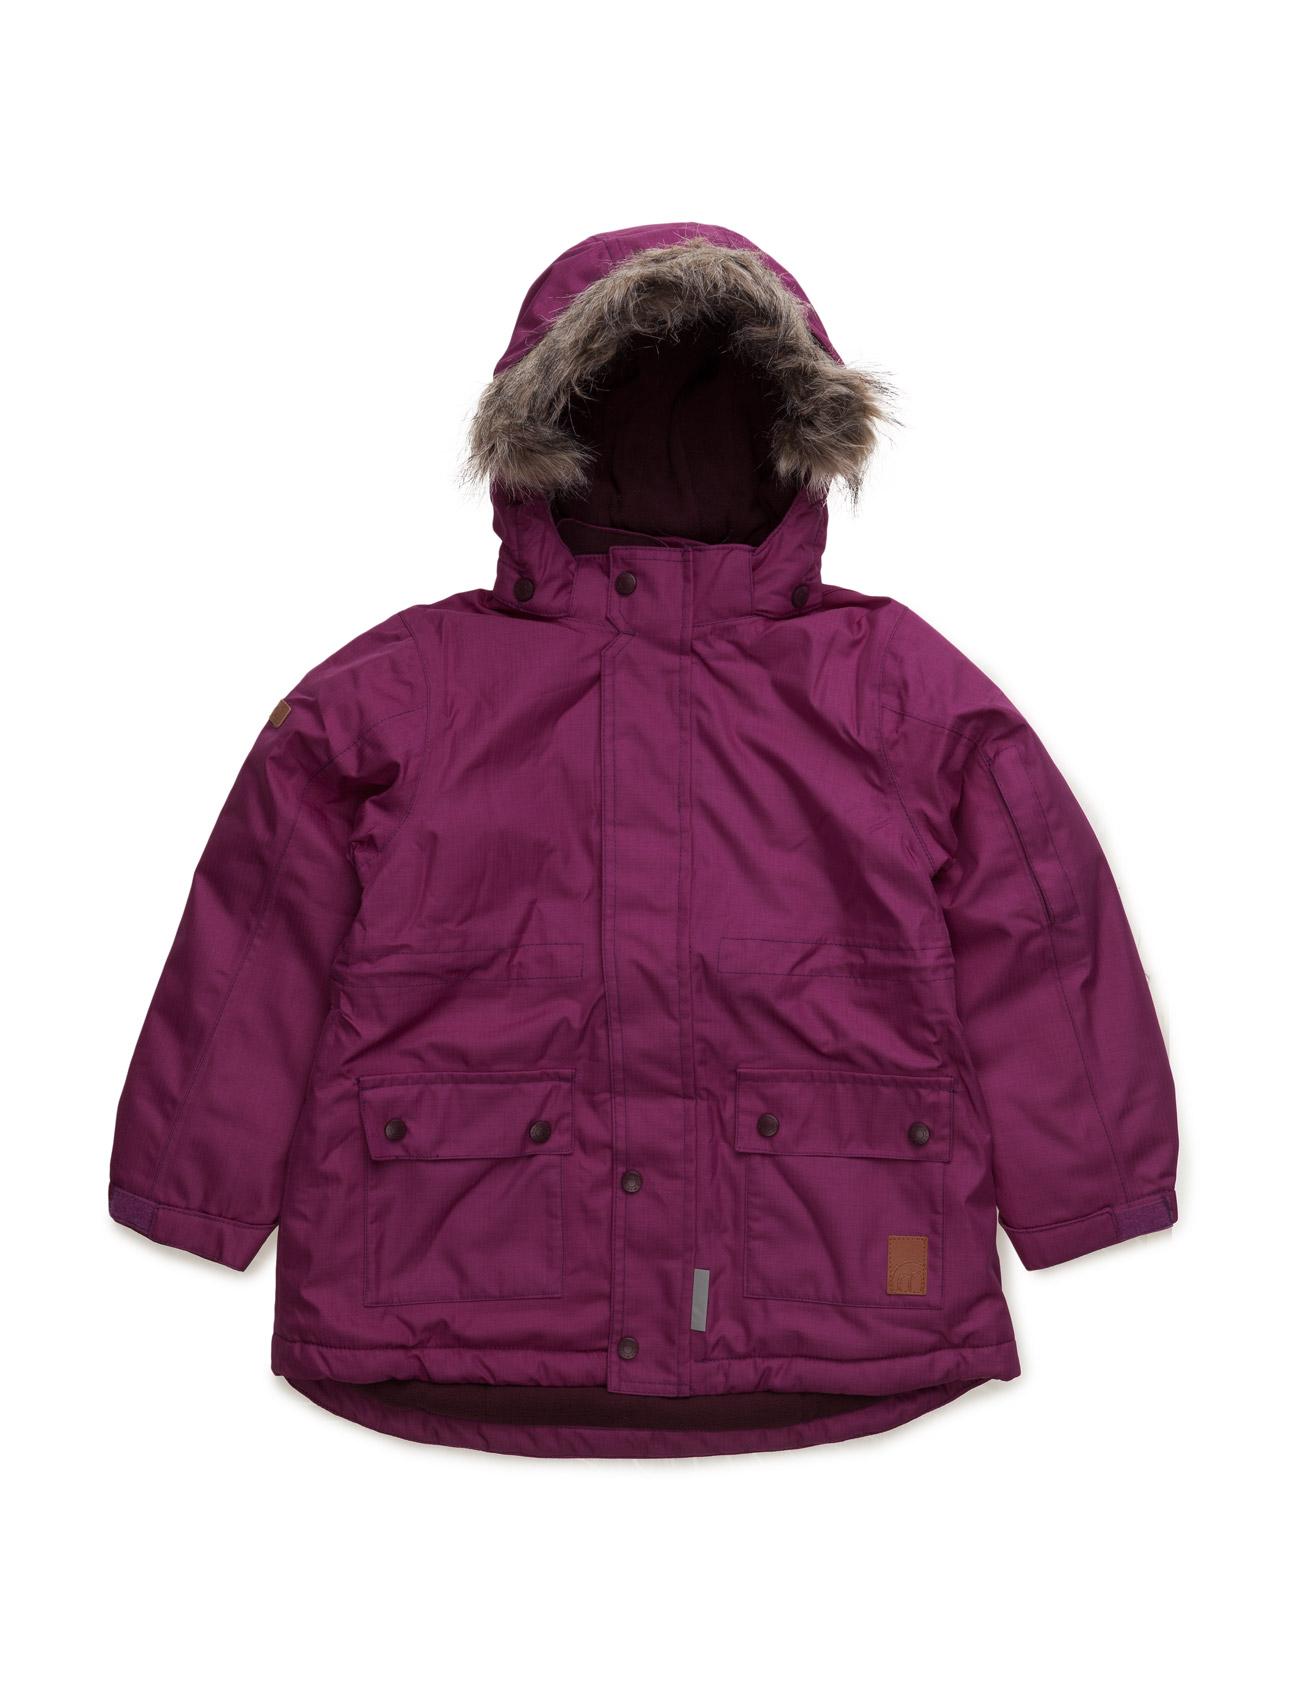 Gam 19 -Snow Jacket -Herringbo Minymo Jakker & Frakker til Børn i